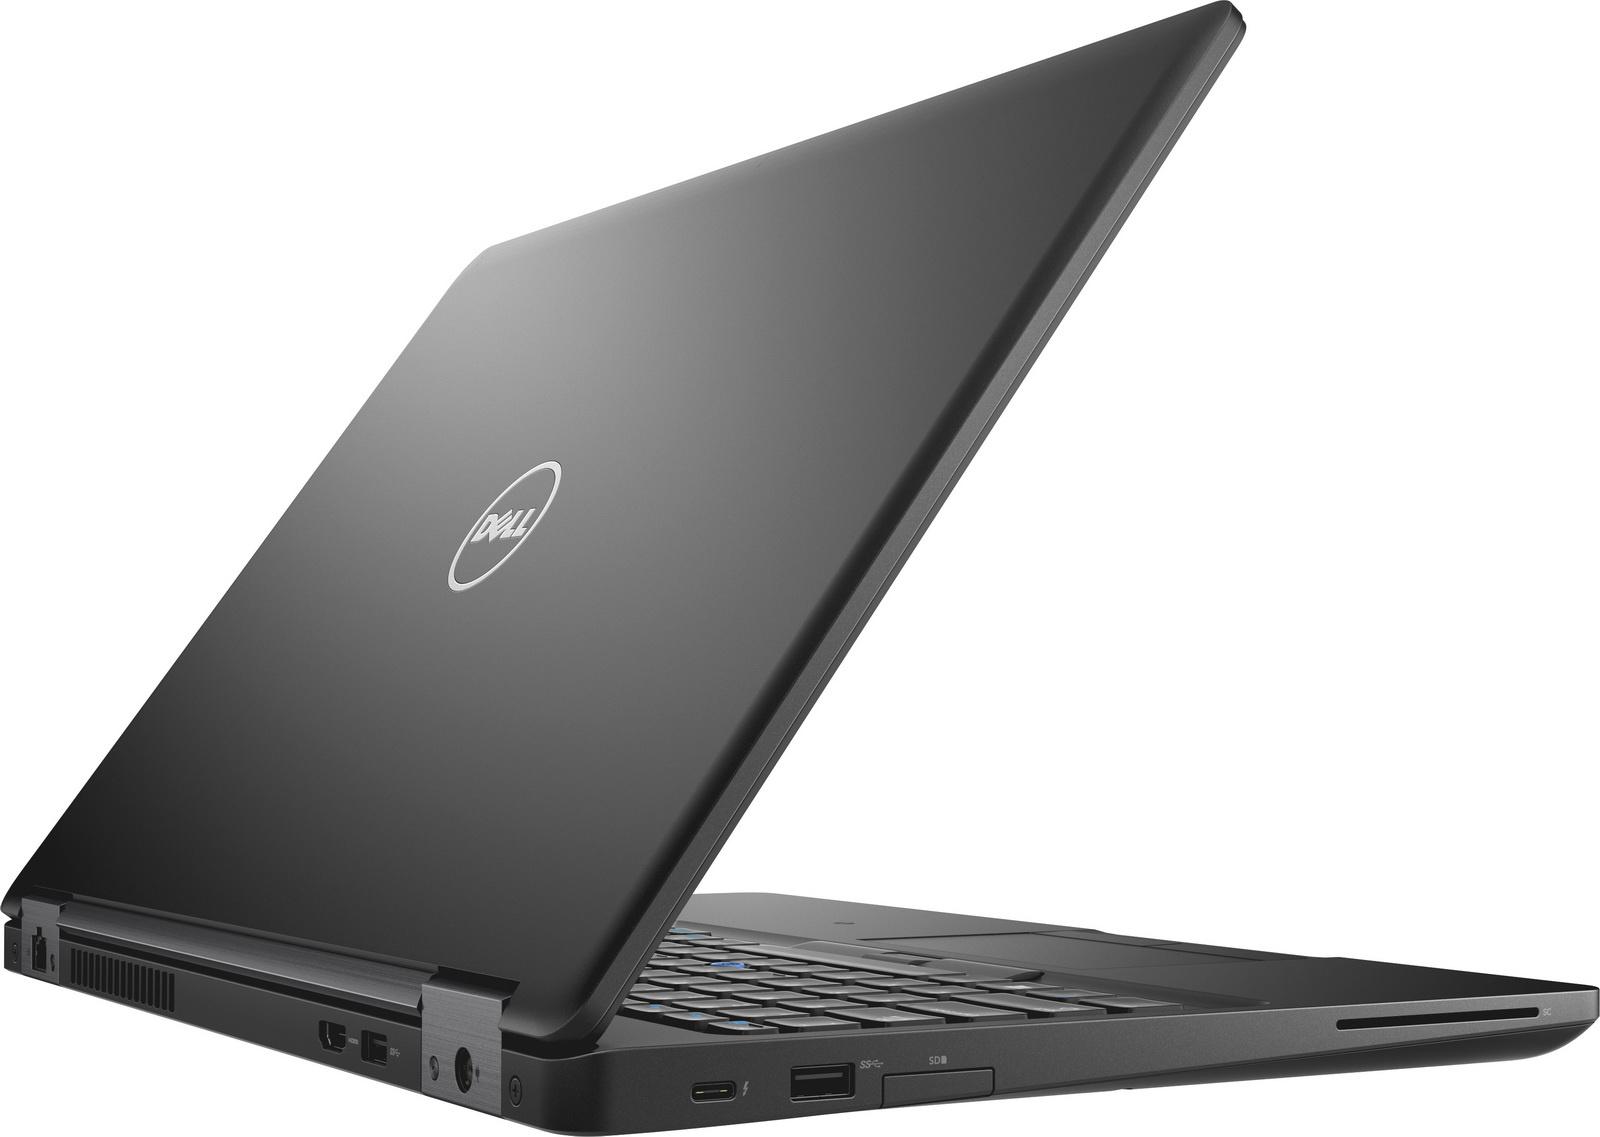 Dell Precision 15 (3520): Профессиональная рабочая станция в мобильном исполнении